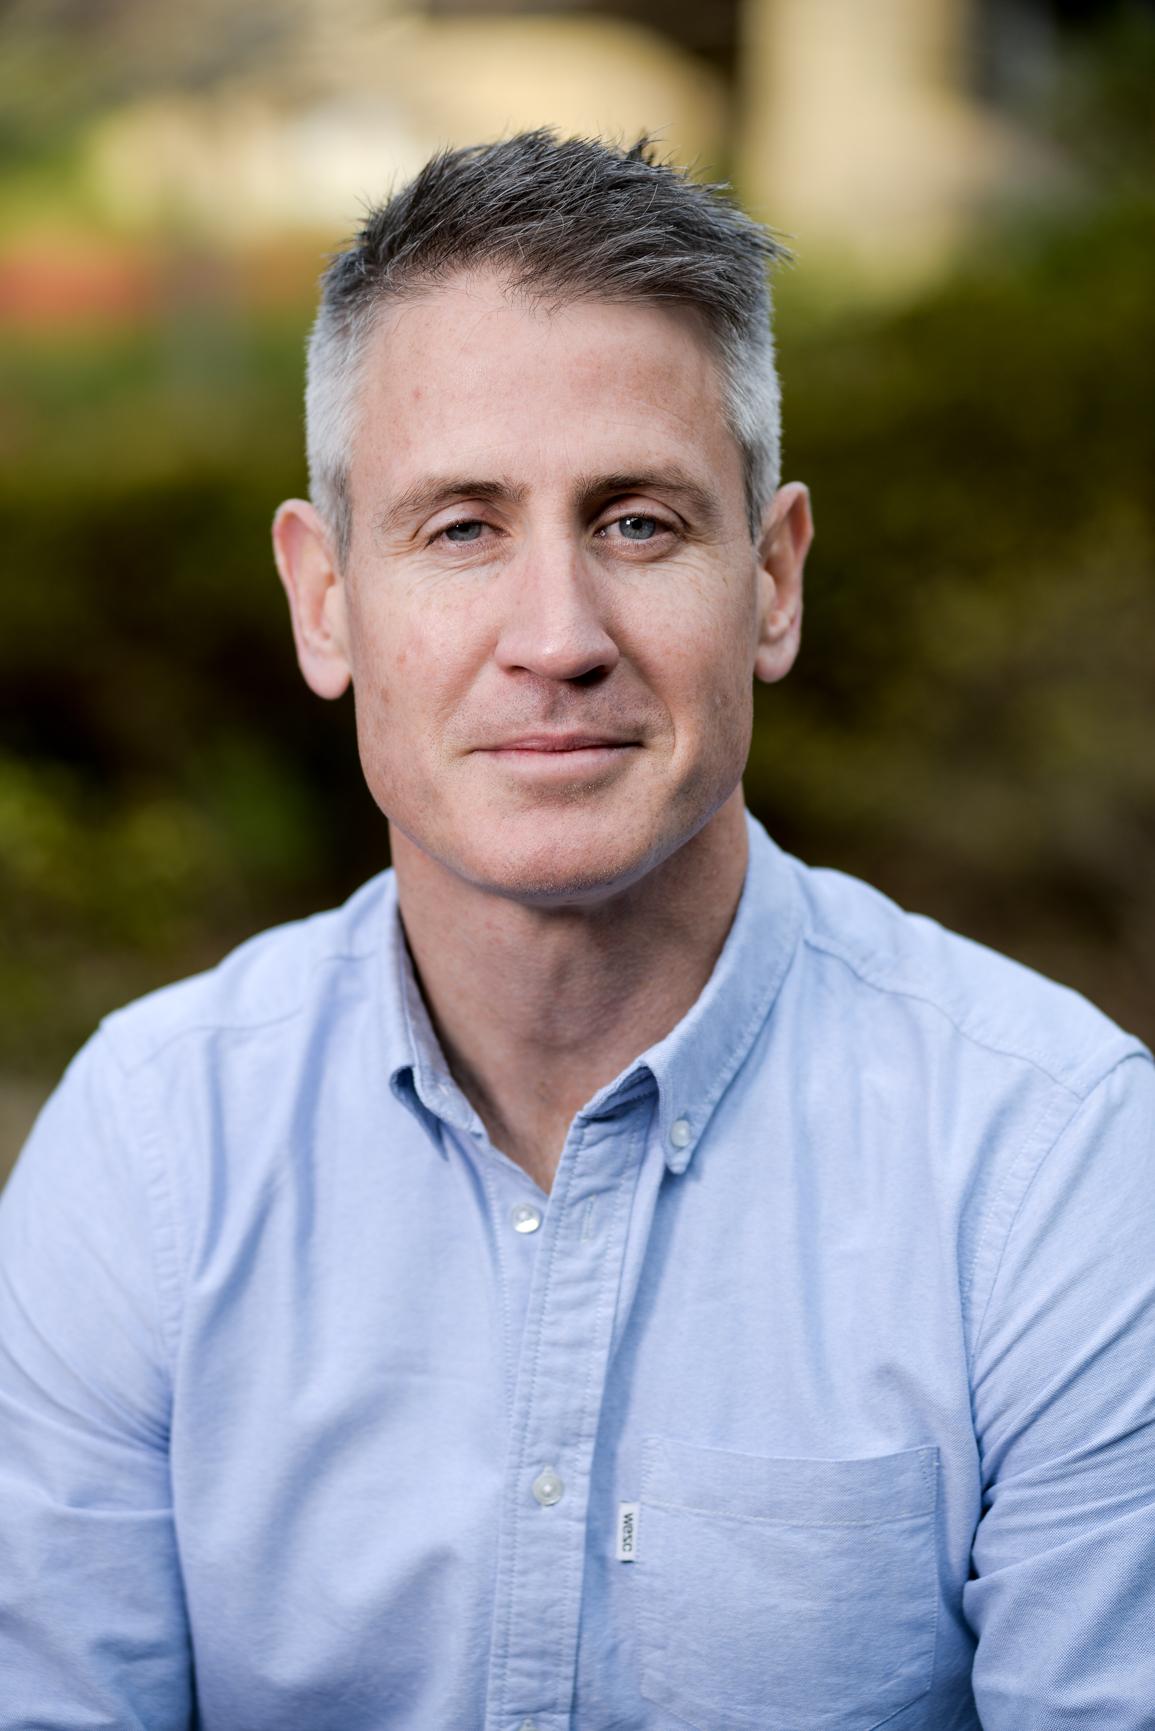 Brian Hoare